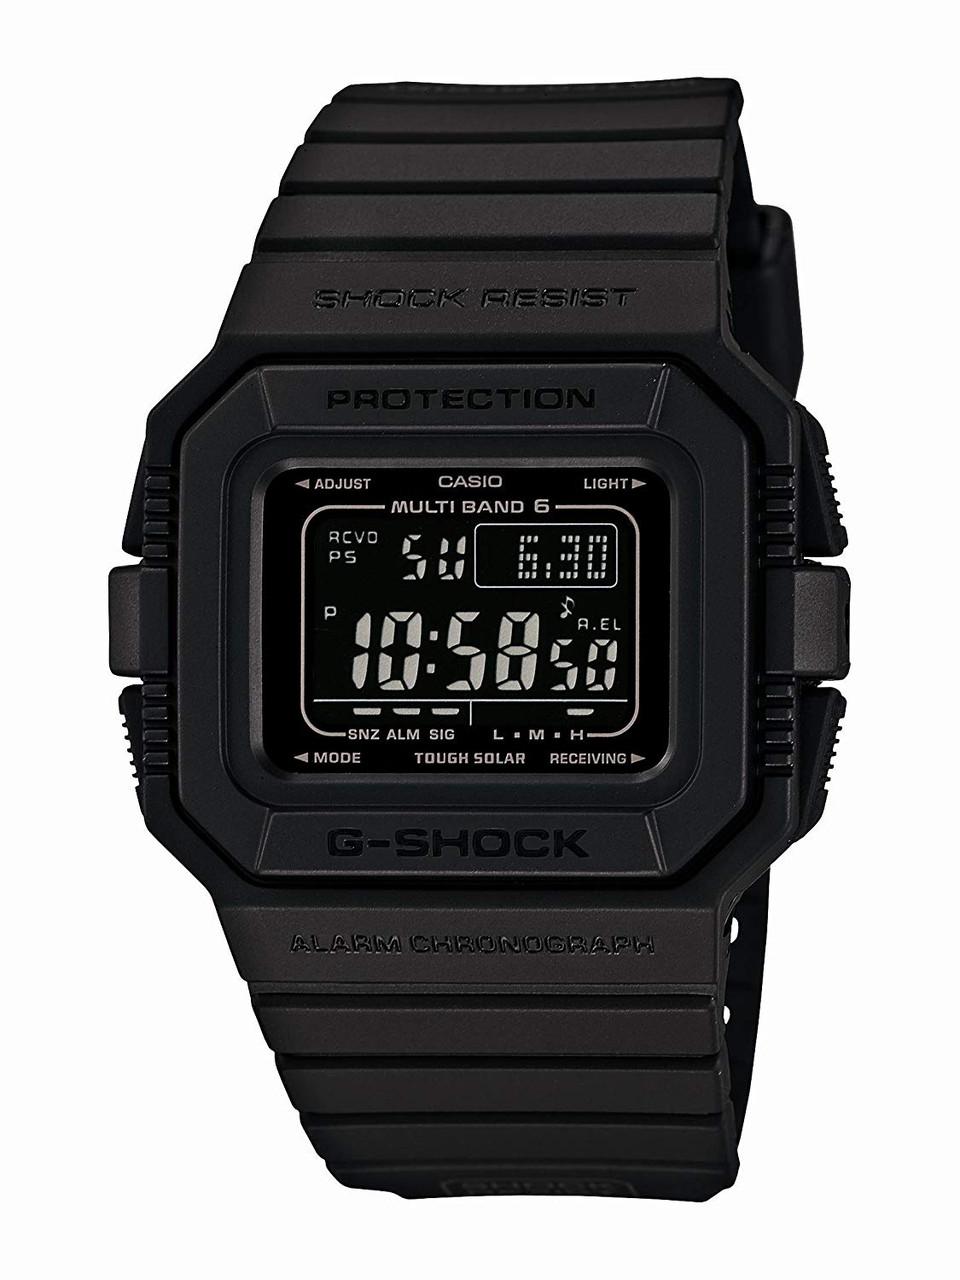 Black Casio G-Shock GW-5510-1BJF Watch